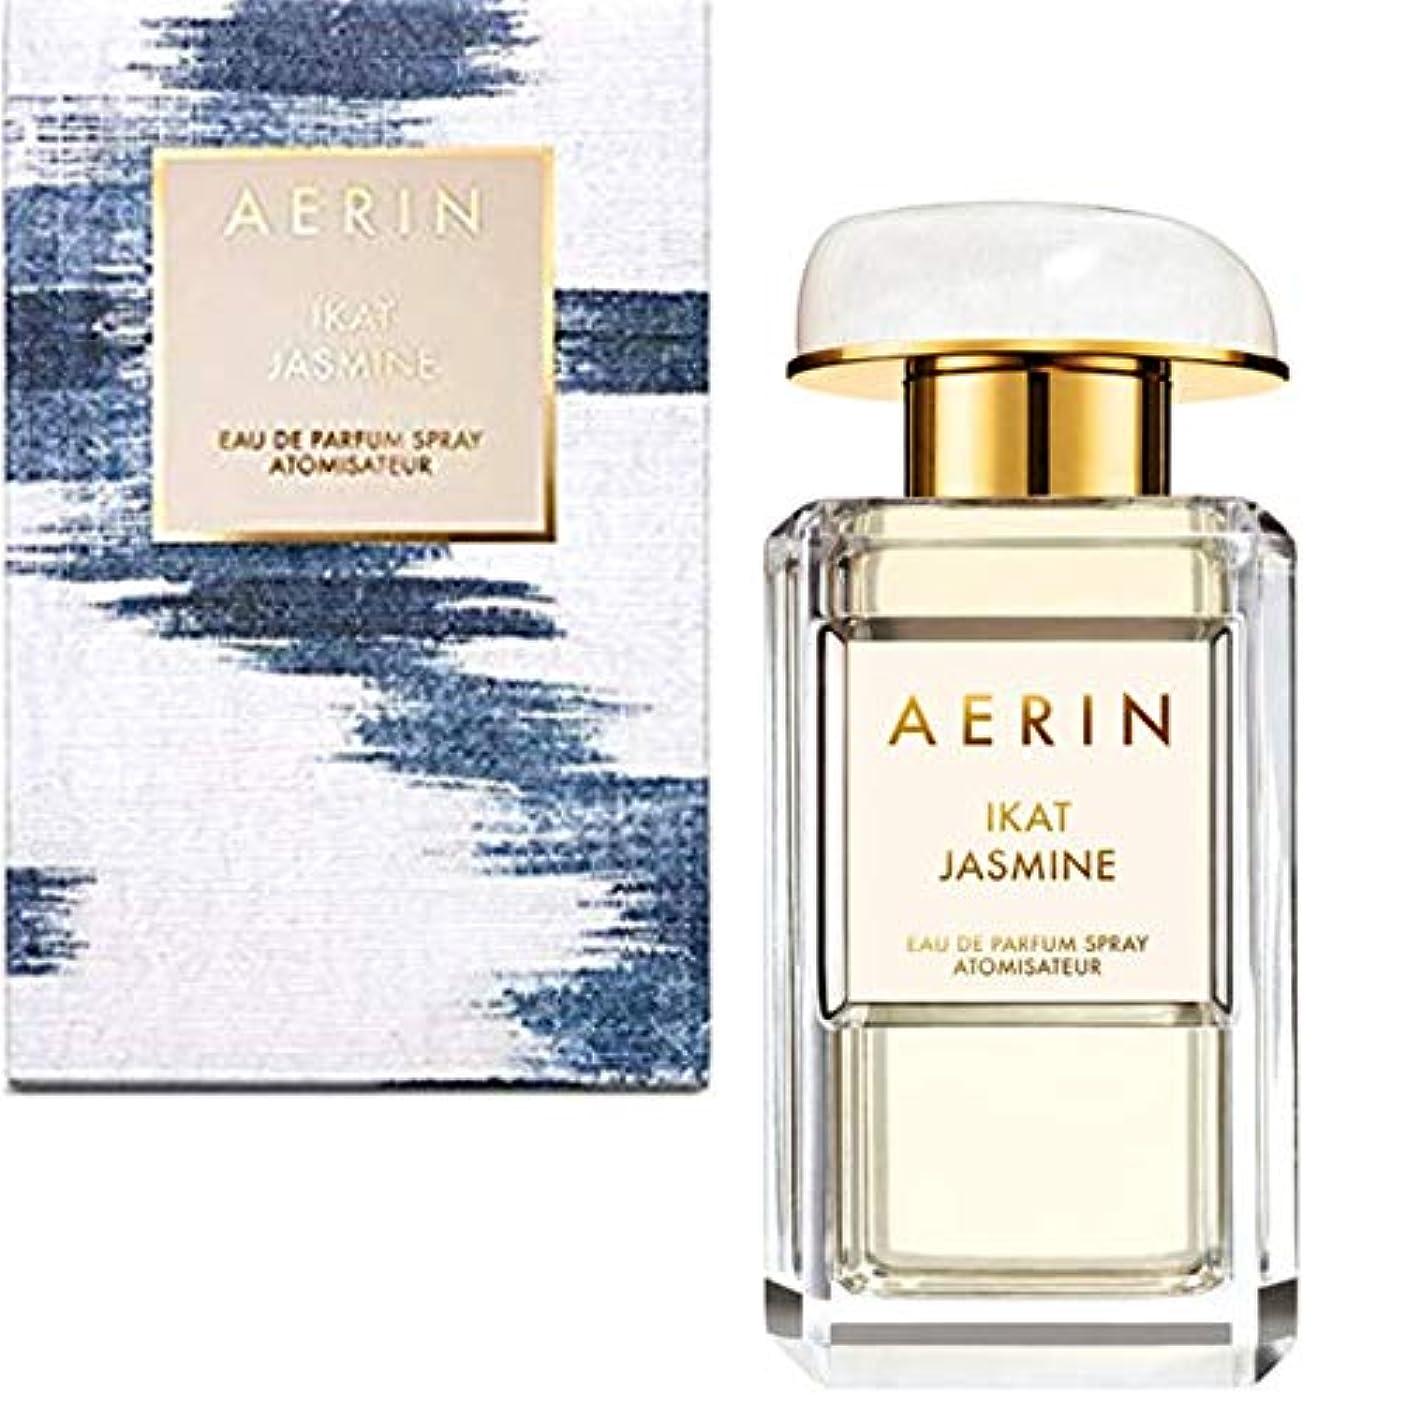 カートリッジ思春期のうんAERIN 'Ikat Jasmine' (アエリン イカ ジャスミン) 1.7 oz (50ml) EDP Spray by Estee Lauder for Women [海外直送品] [並行輸入品]